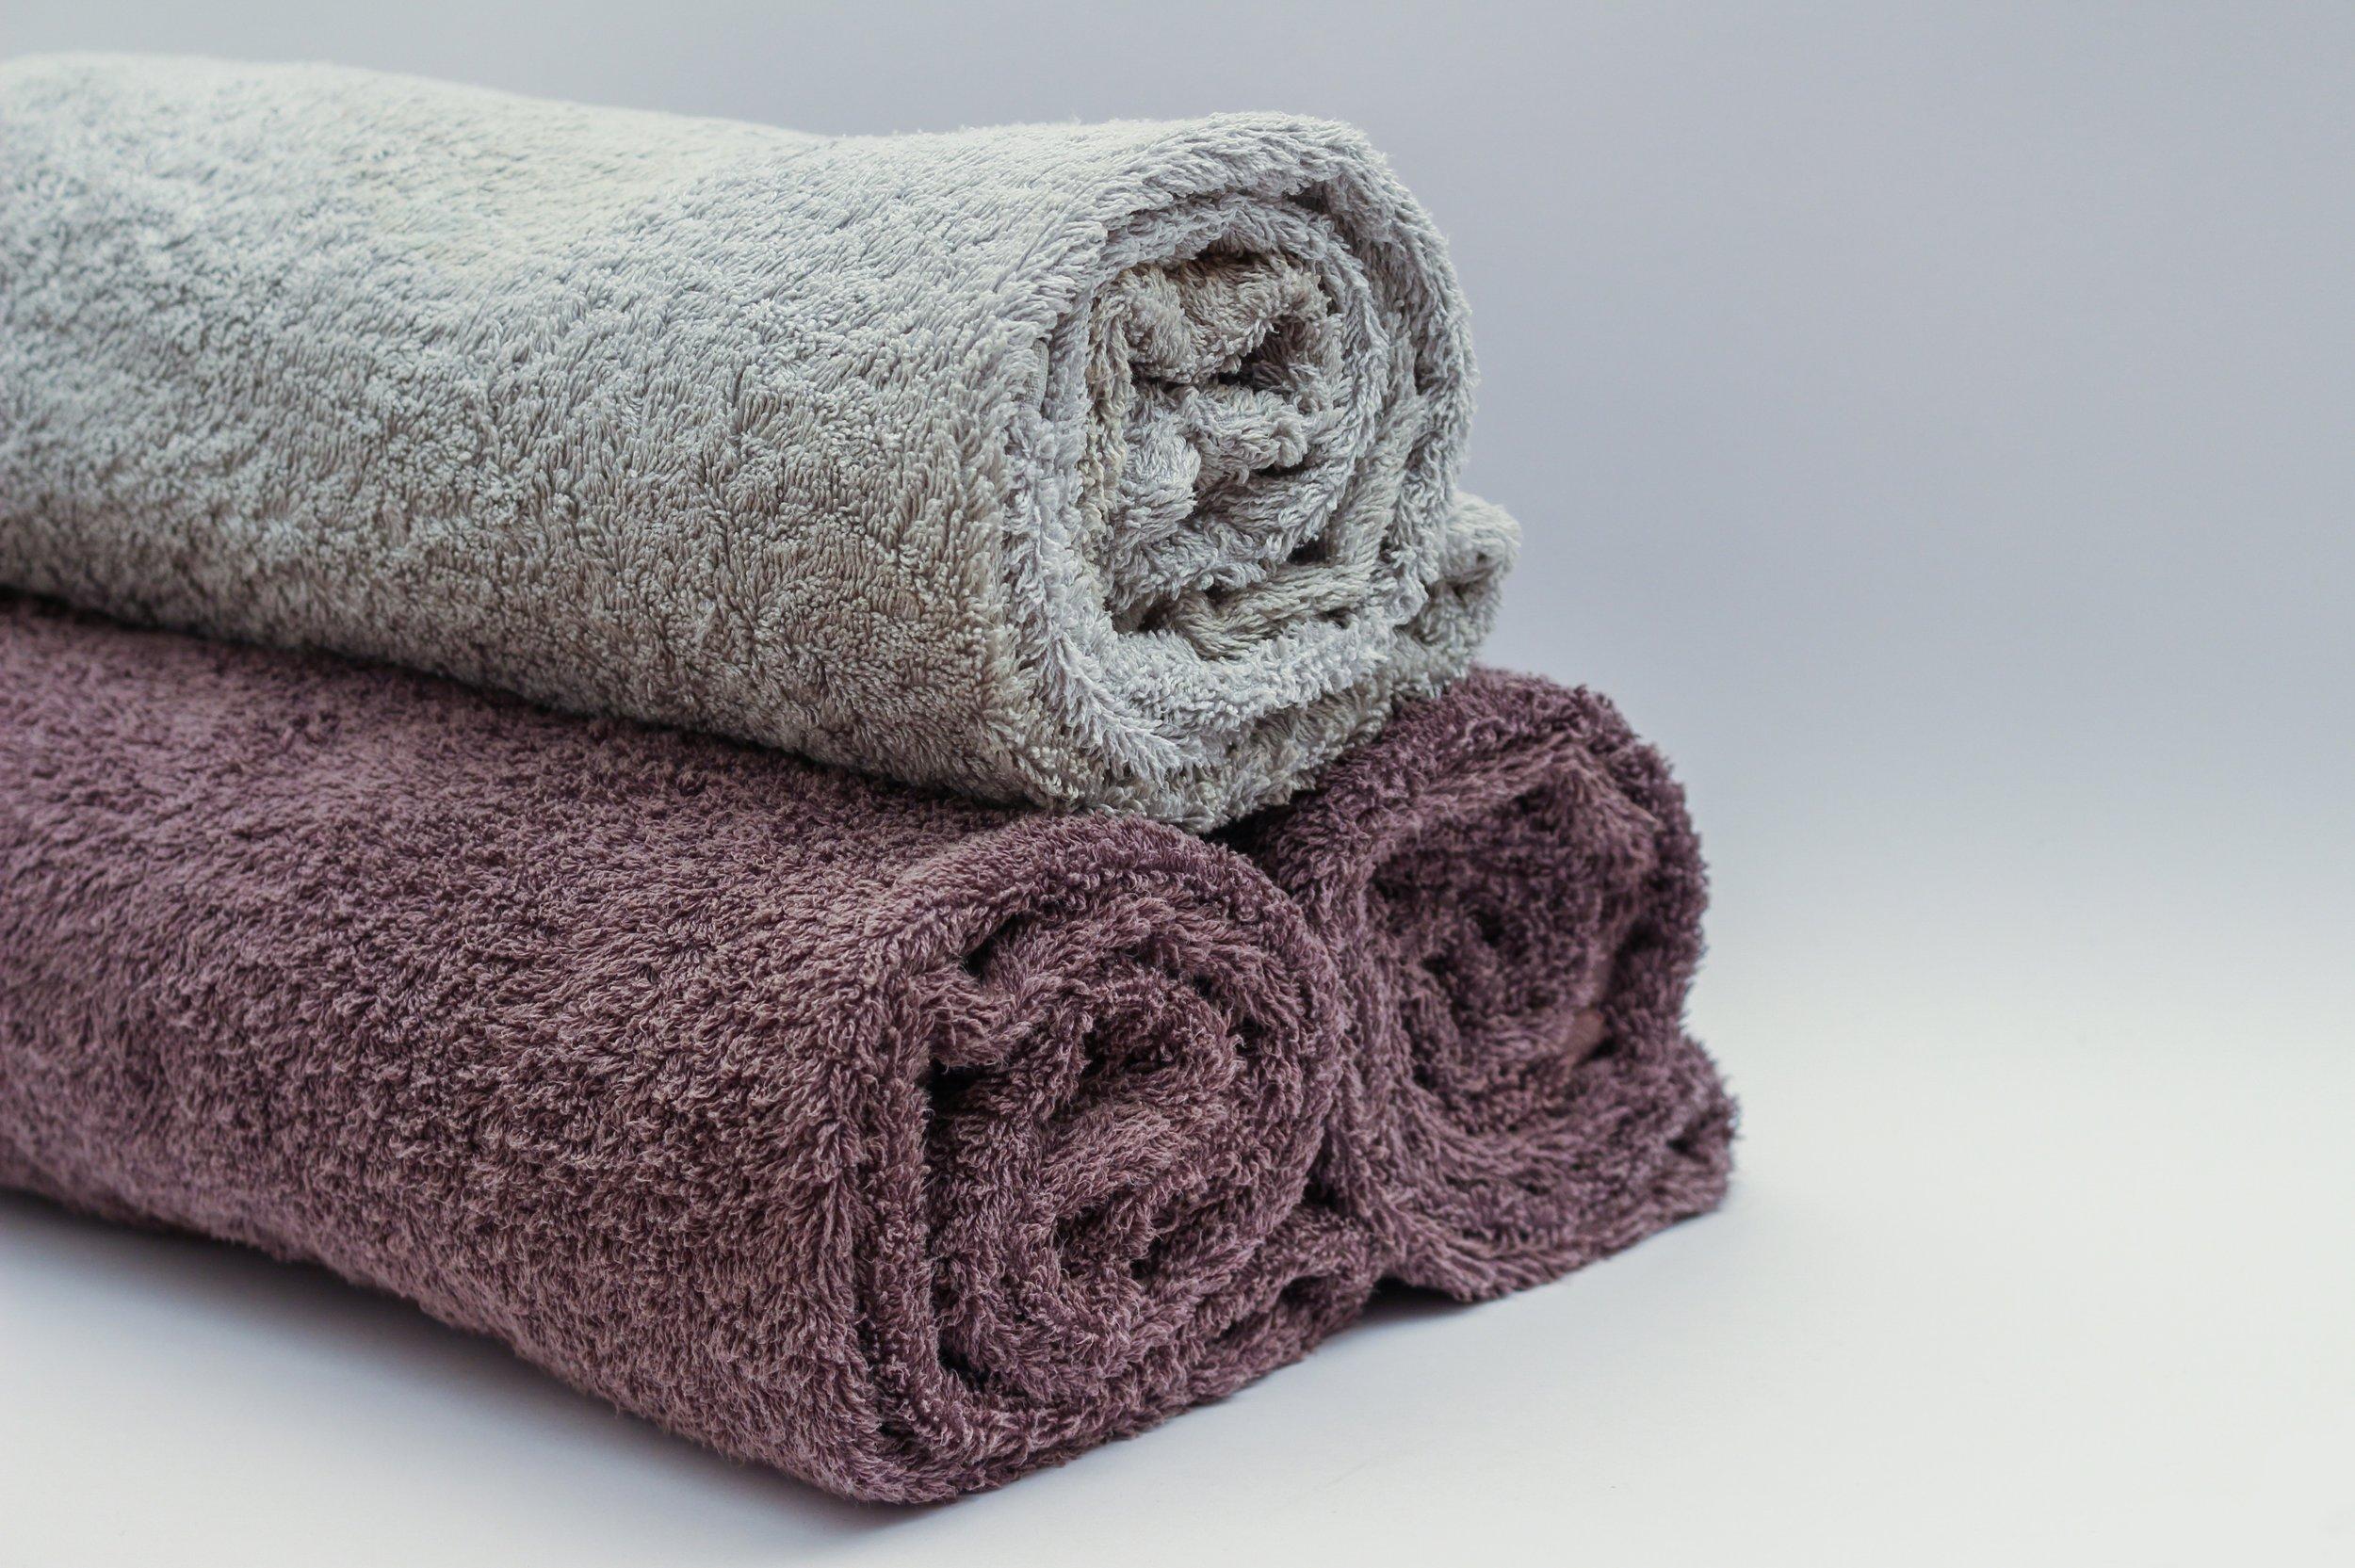 bath-towels-bathroom-roll-45980.jpg